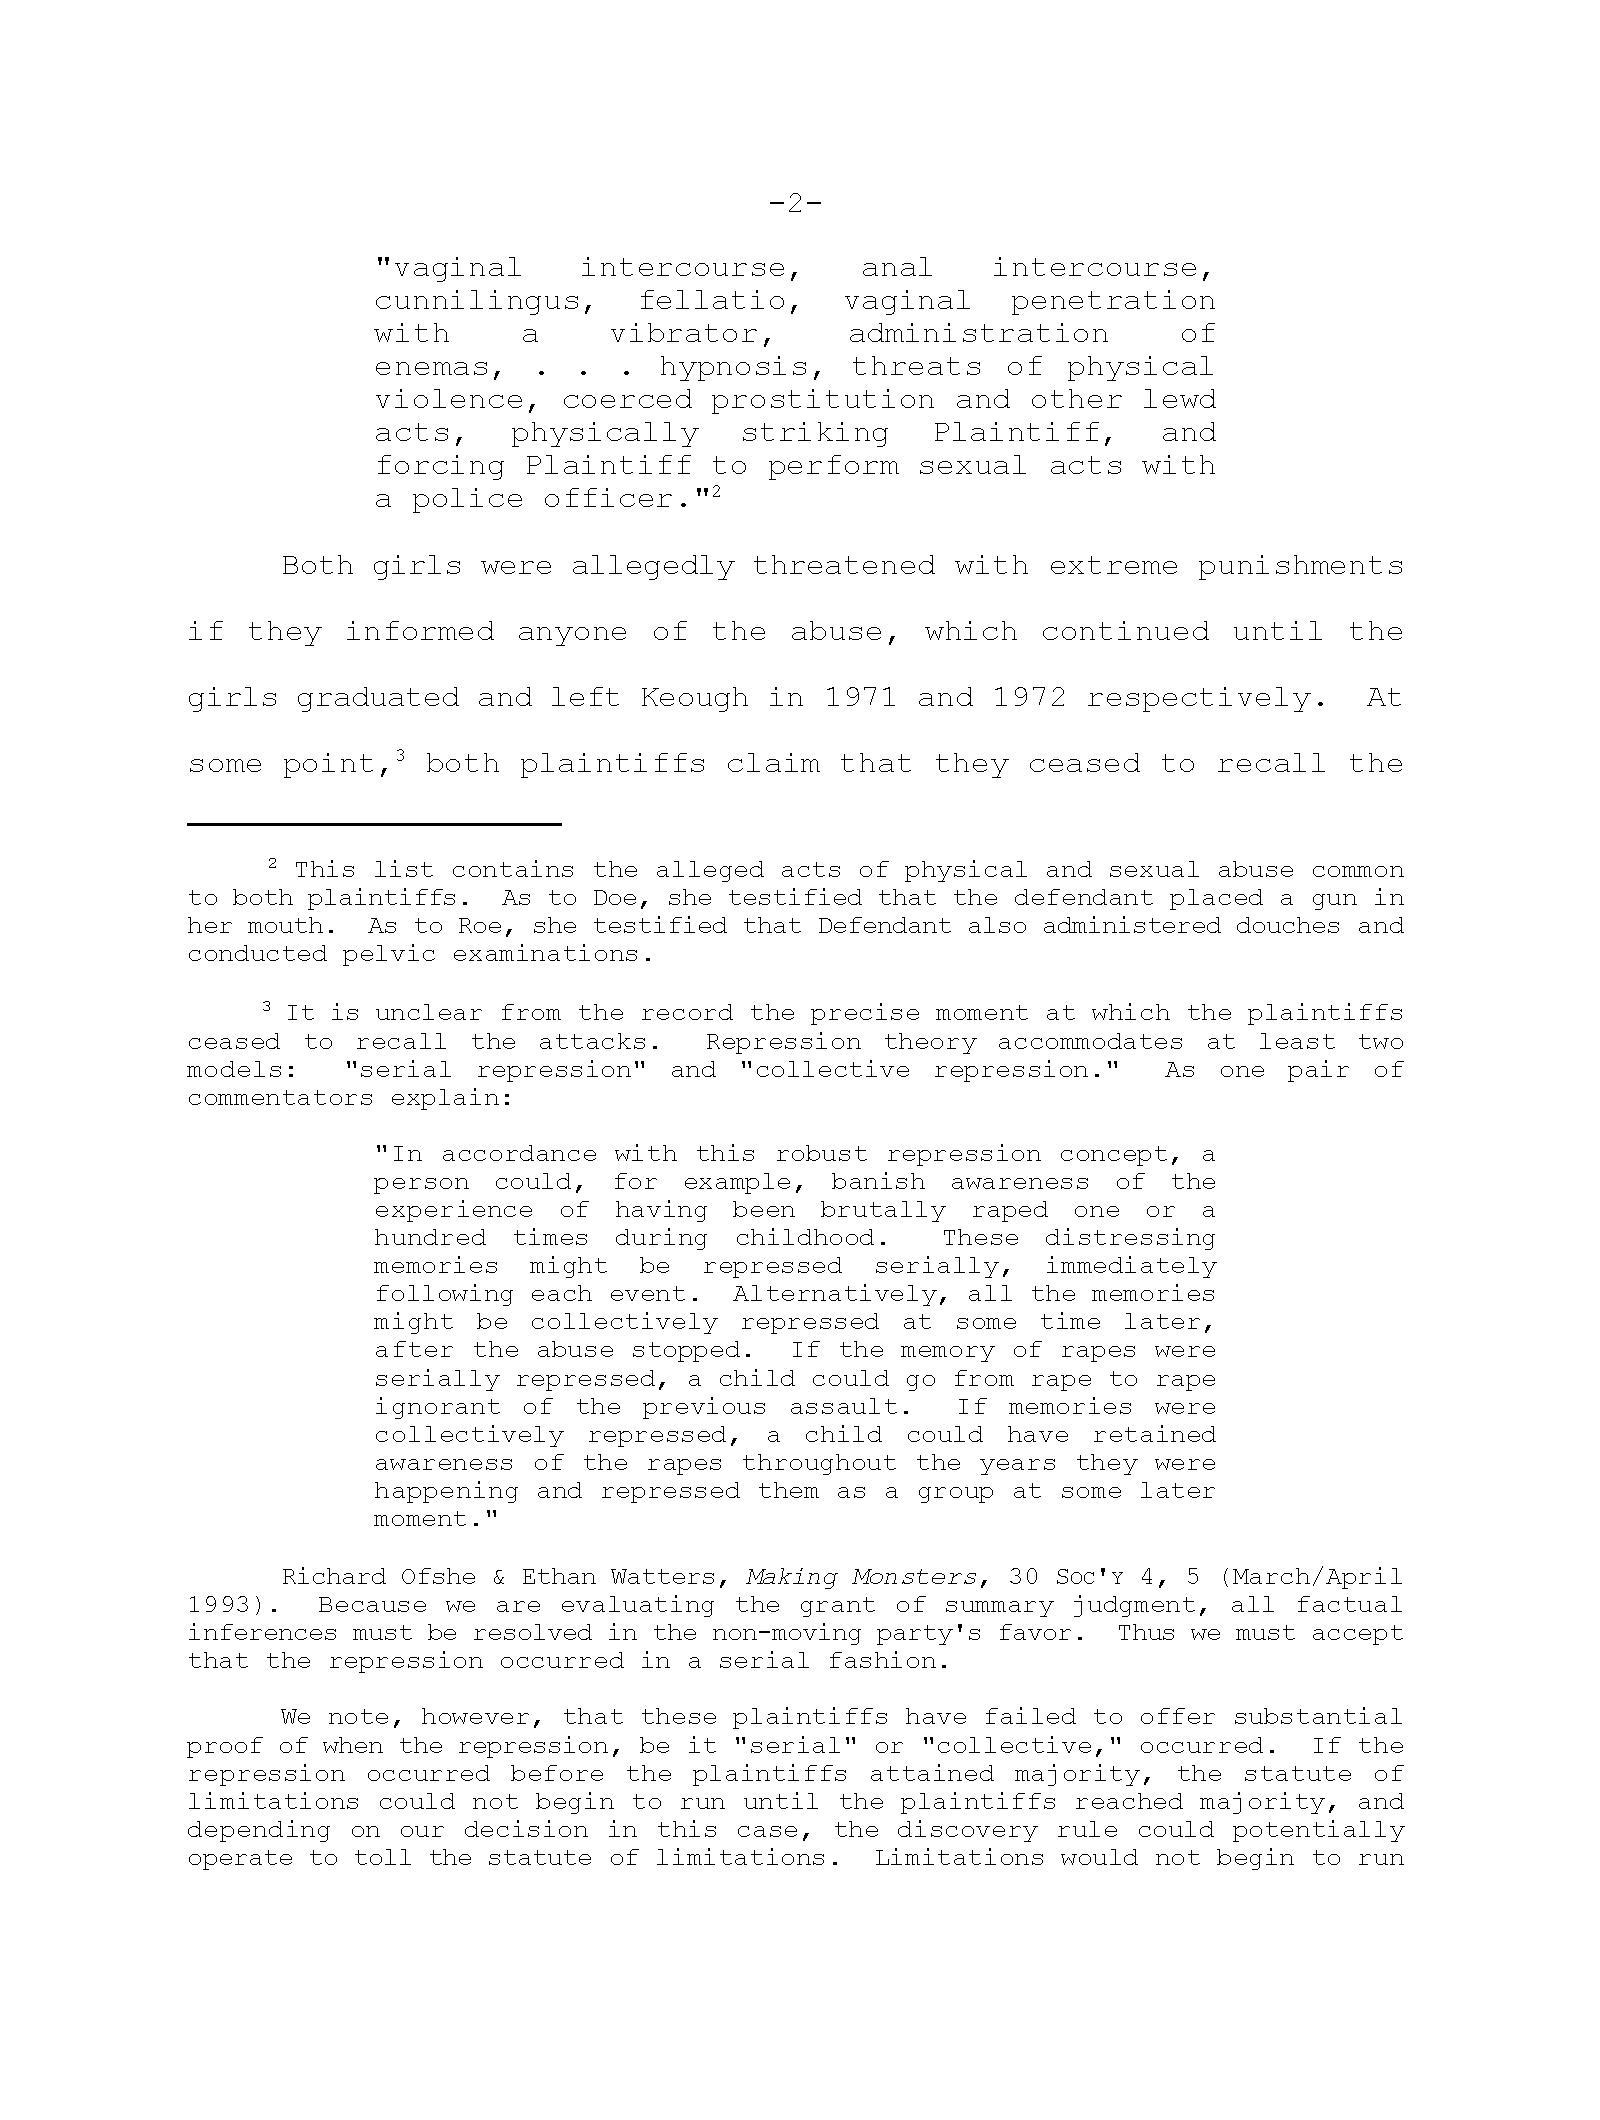 Copy of doe-v-maskelll04.png